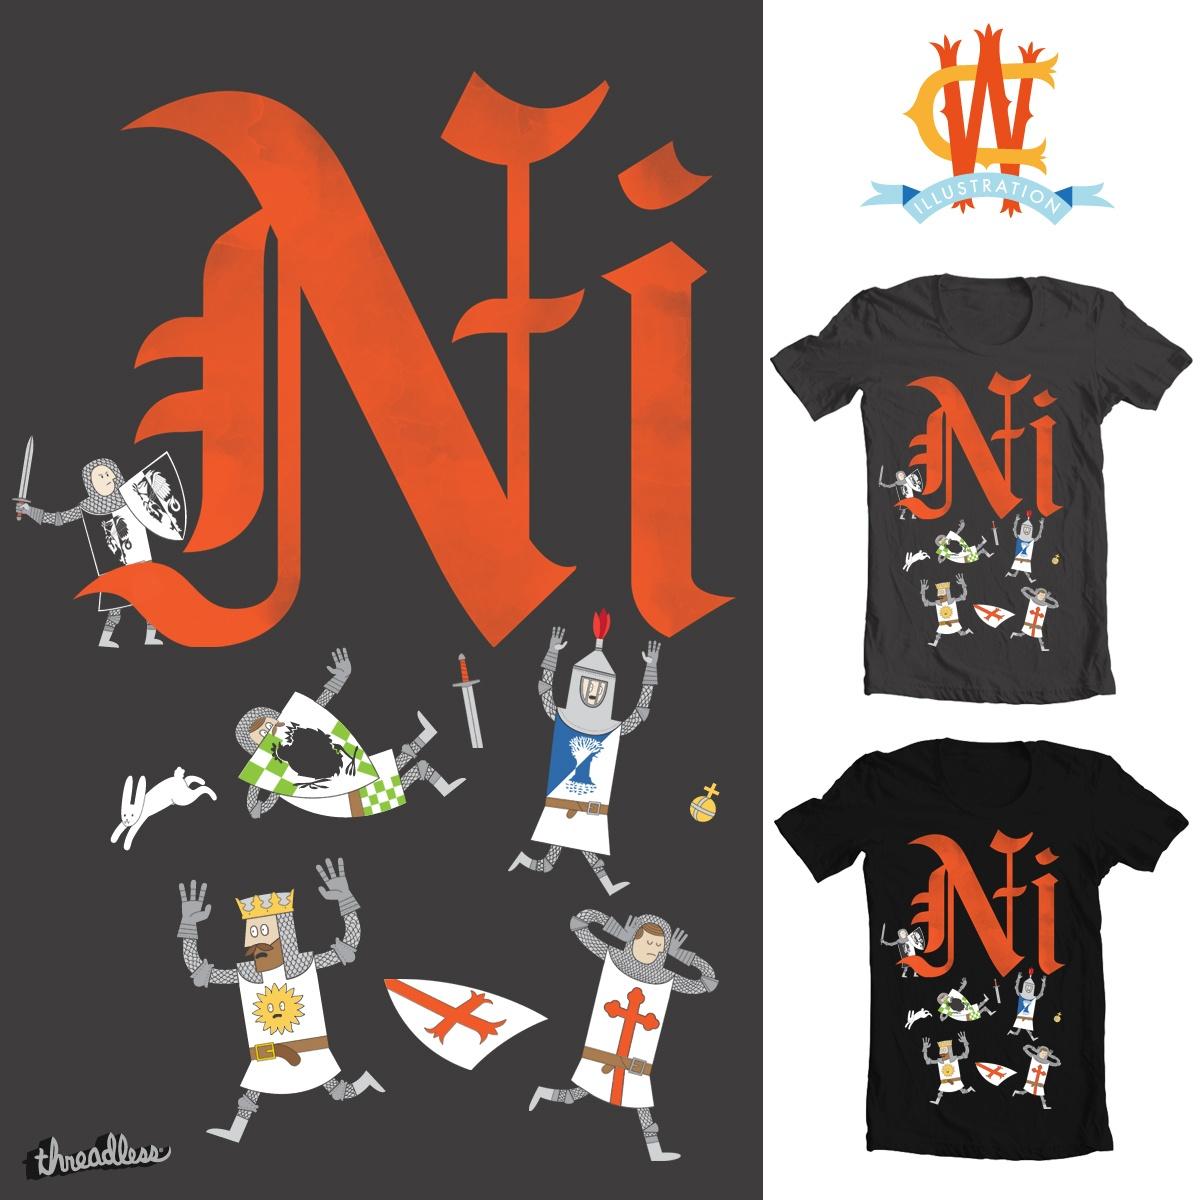 NI! by Wharton on Threadless